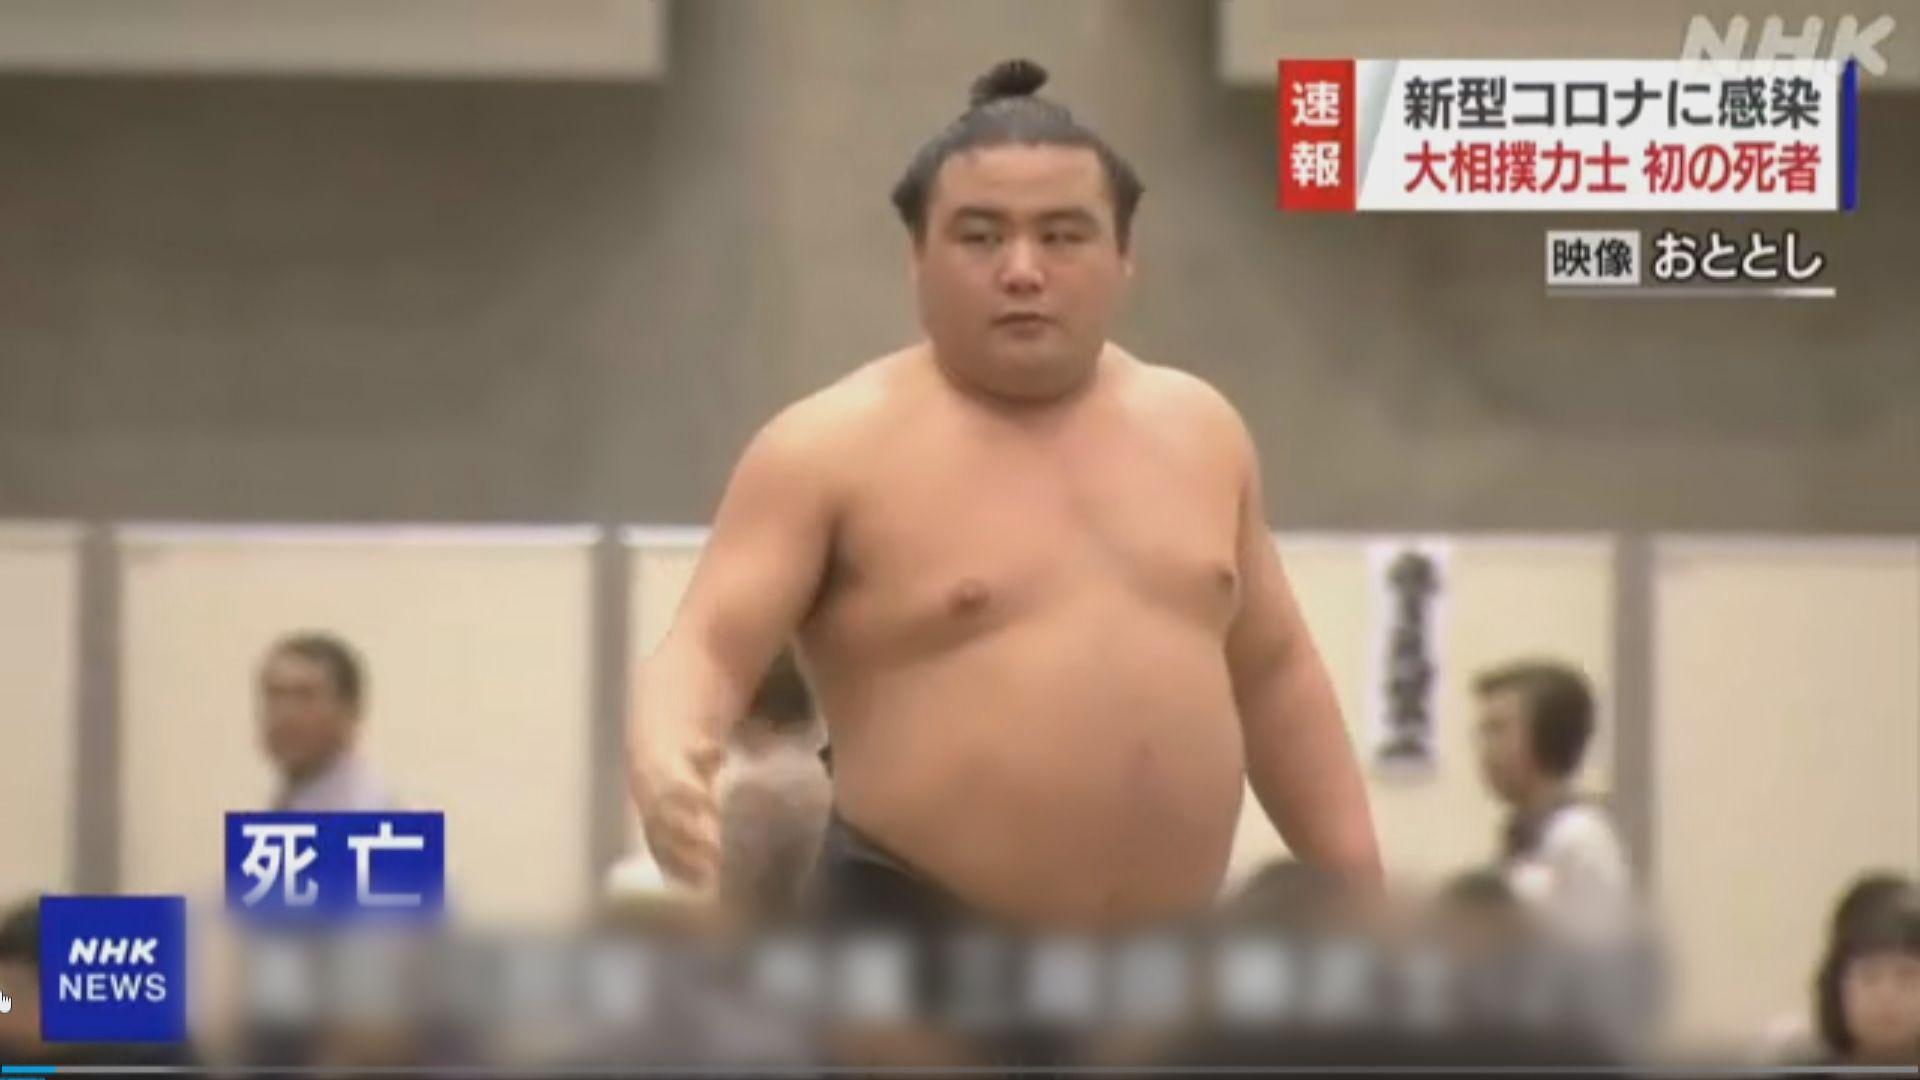 相撲手染新型肺炎後不治 為日本最年輕病逝患者